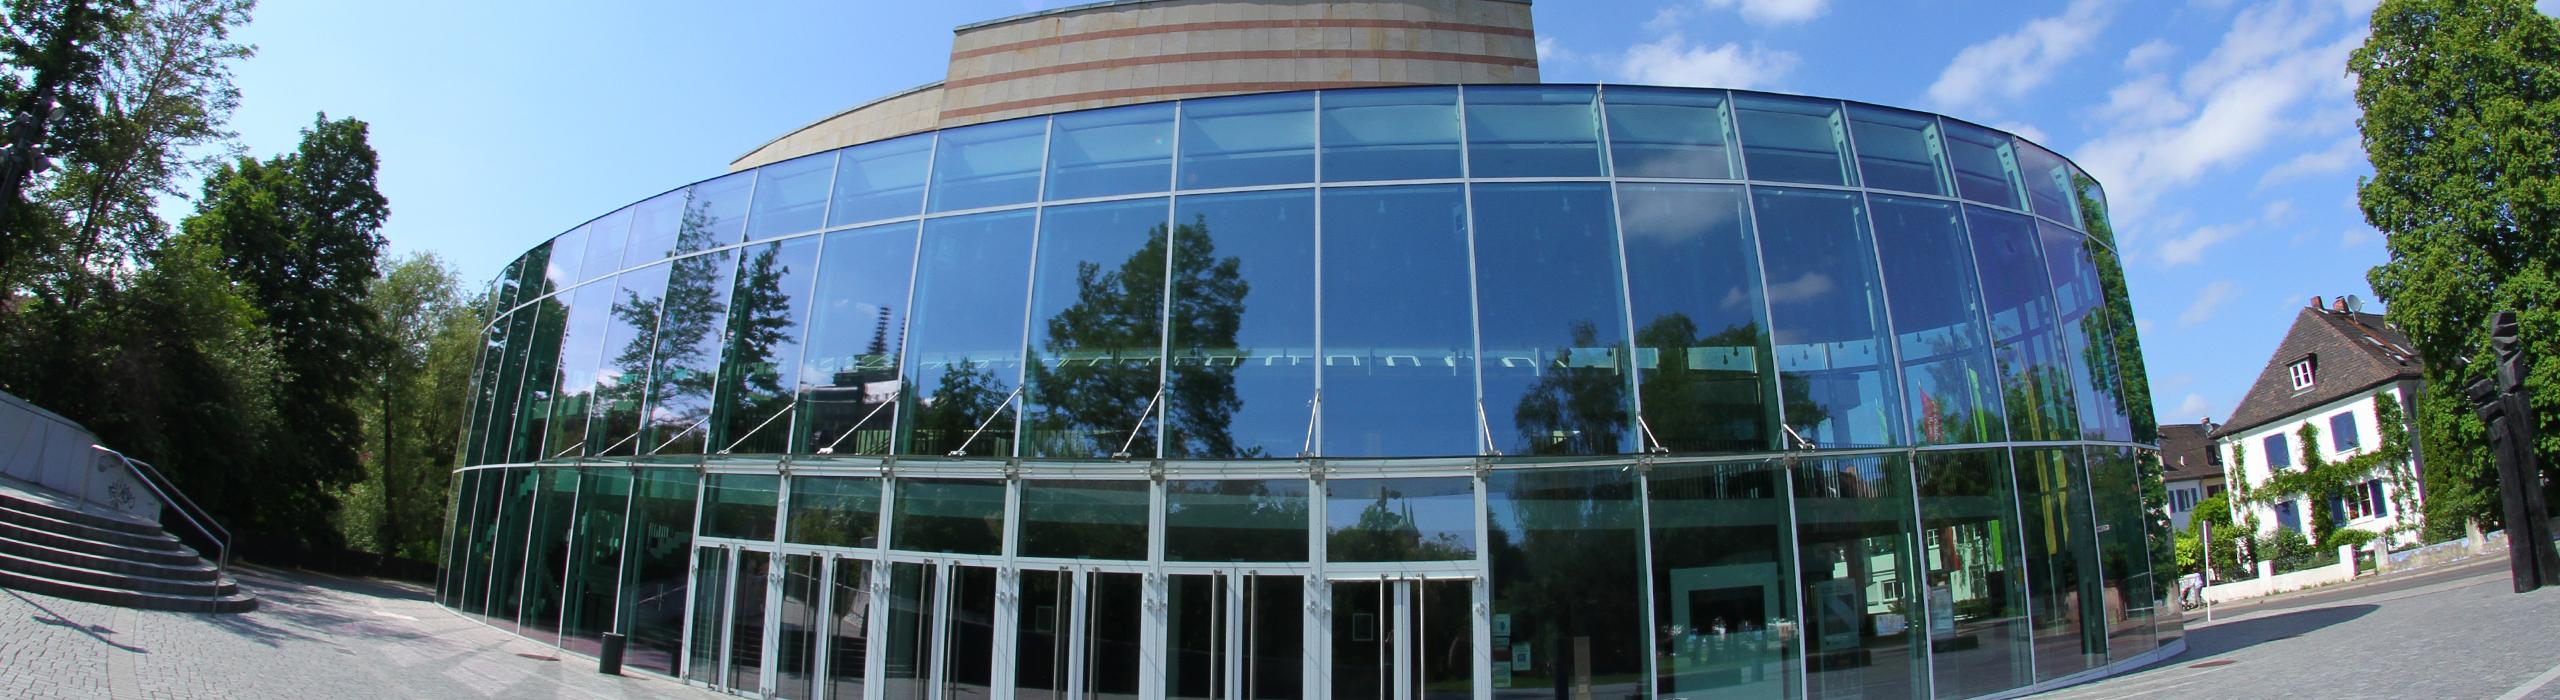 Konzert- und Kongresshalle